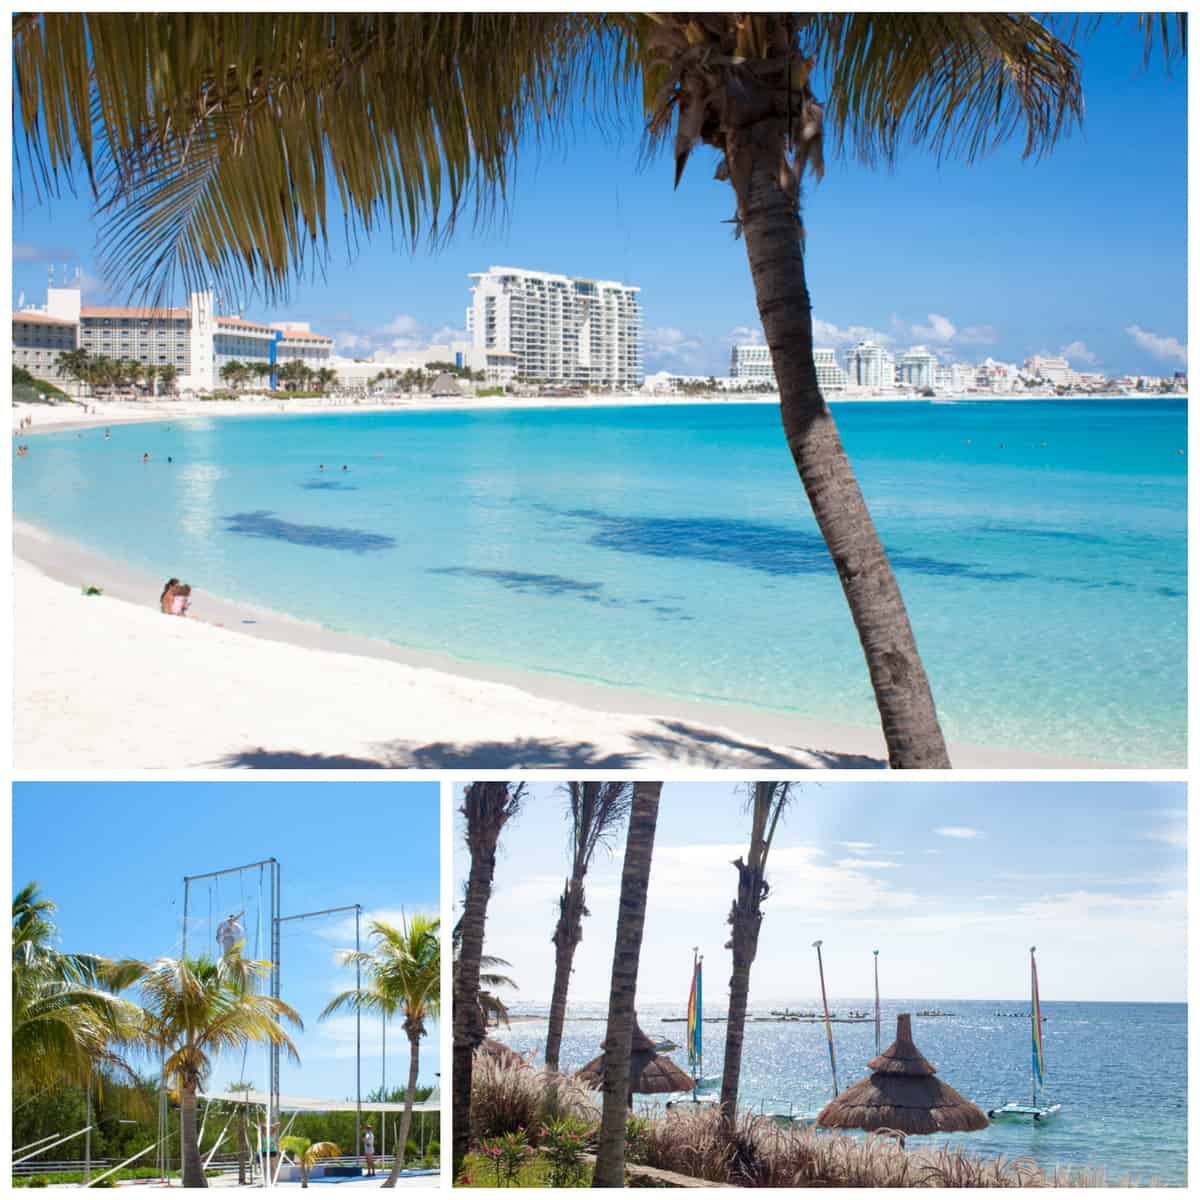 Club Med Cancun Beach